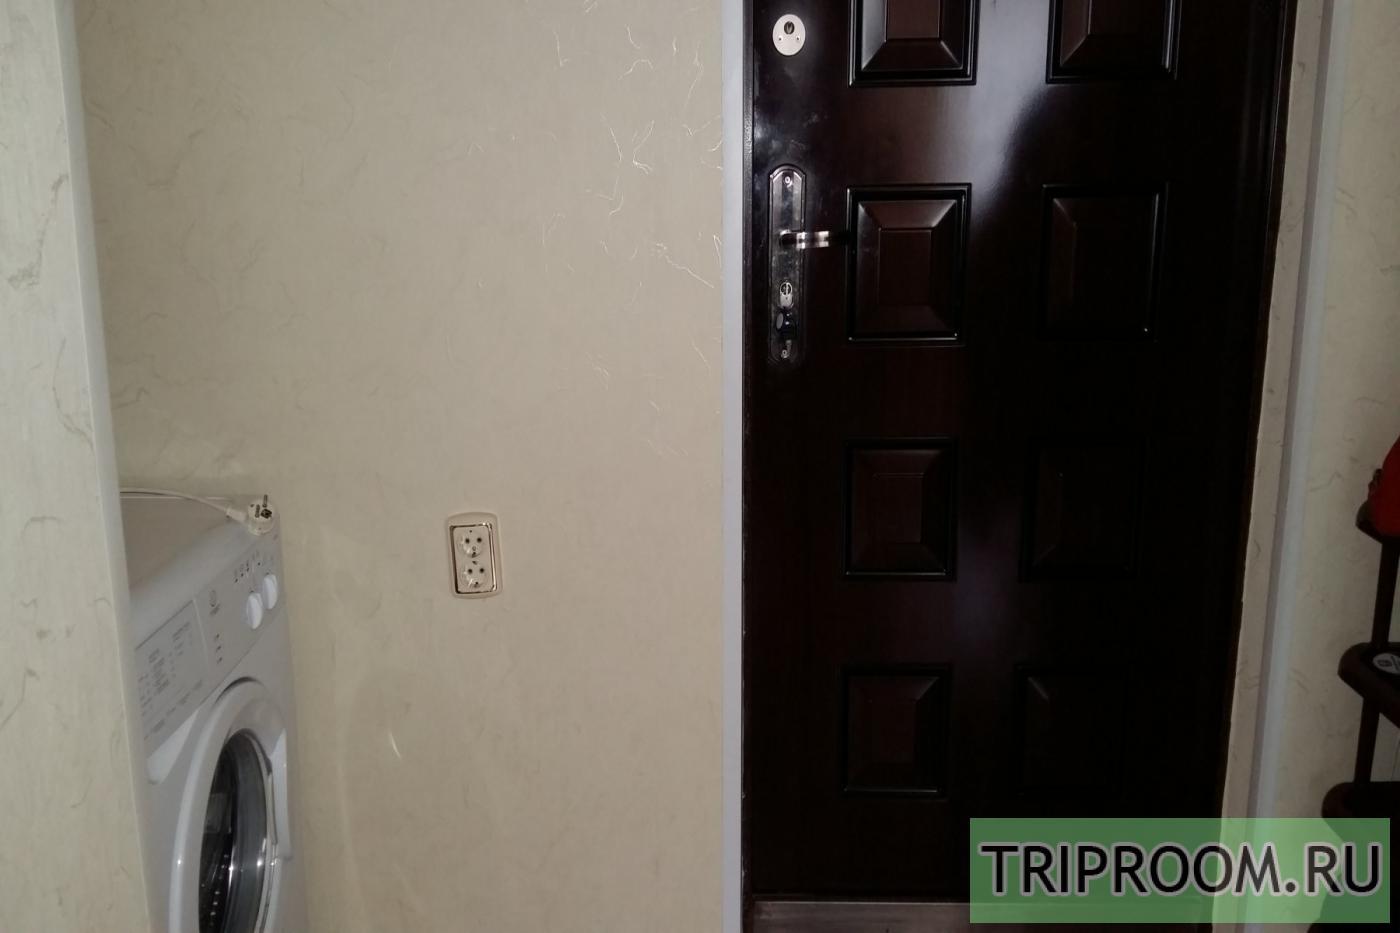 1-комнатная квартира посуточно (вариант № 22588), ул. Стара-Загора улица, фото № 22